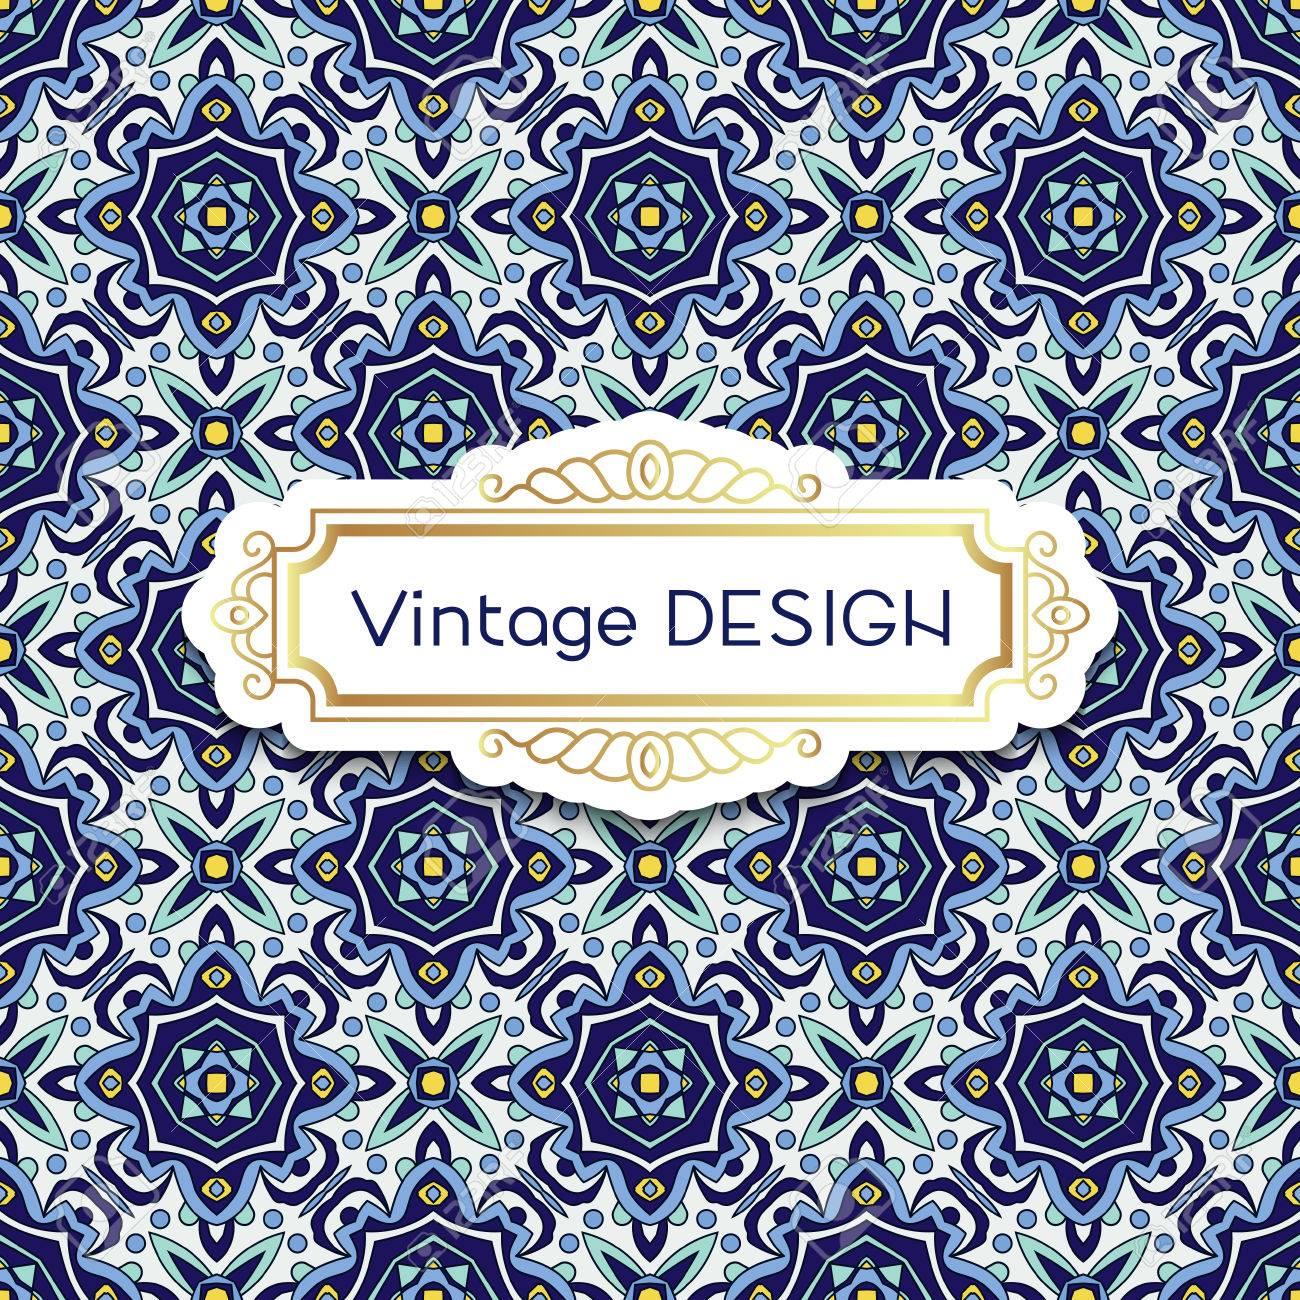 Antik Jahrgang Hintergrund Azulejos In Portugiesischen Kacheln Stil